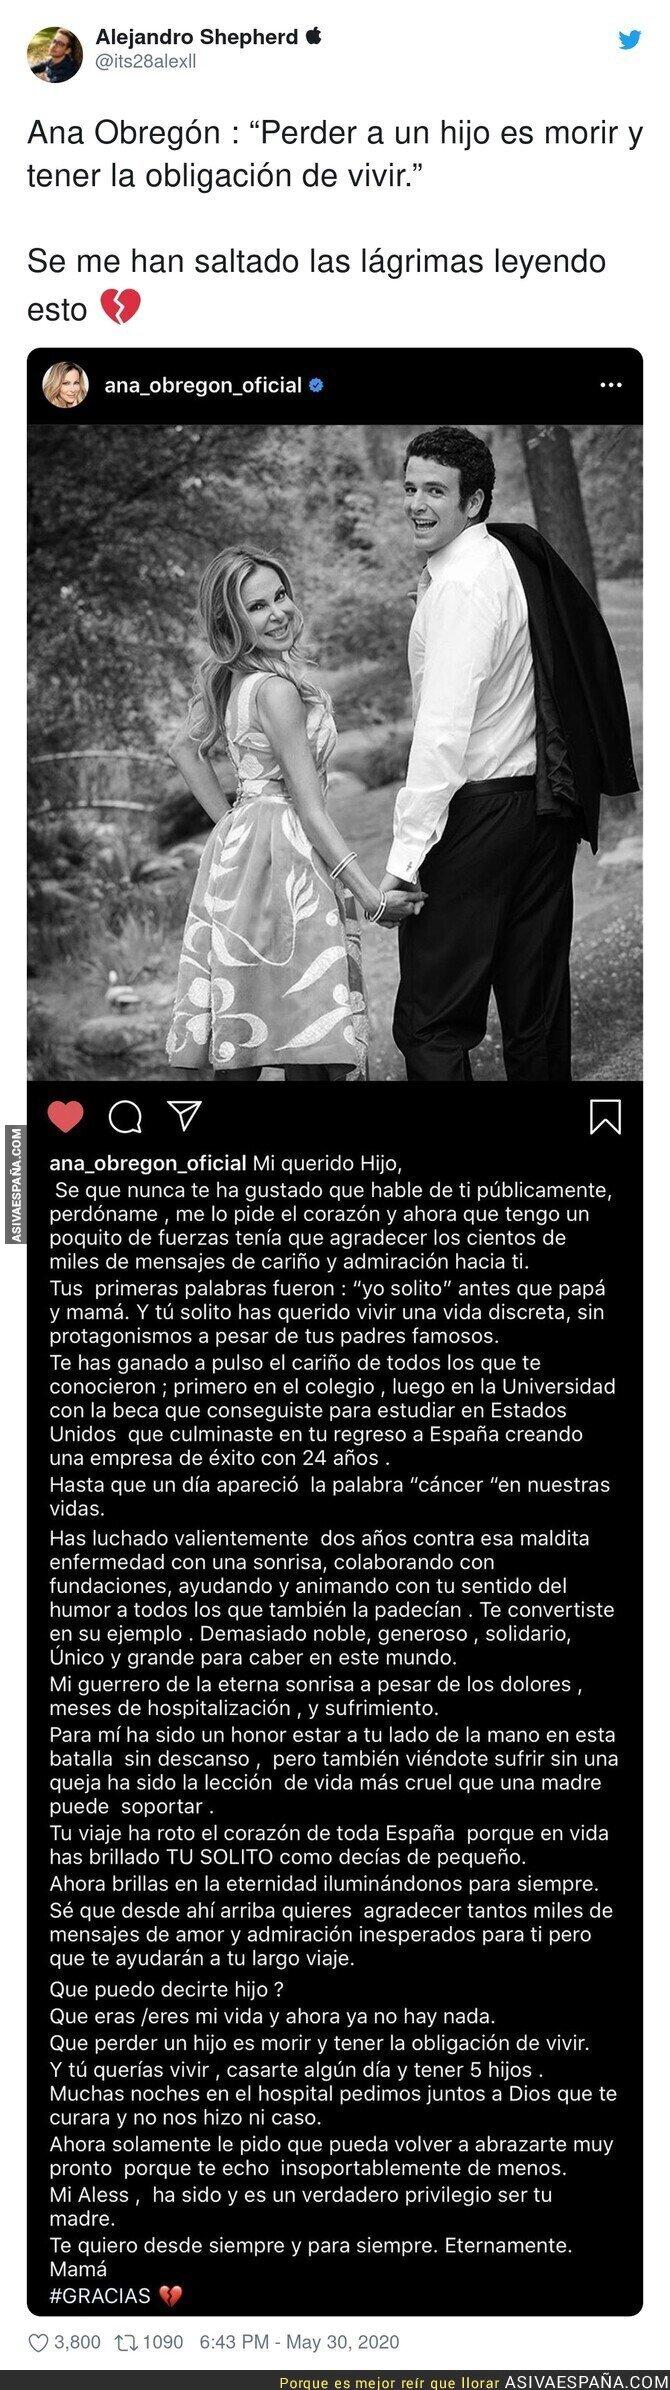 193240 - El precioso mensaje de Ana Obregón a su hijo recientemente fallecido que te hará emocionarte